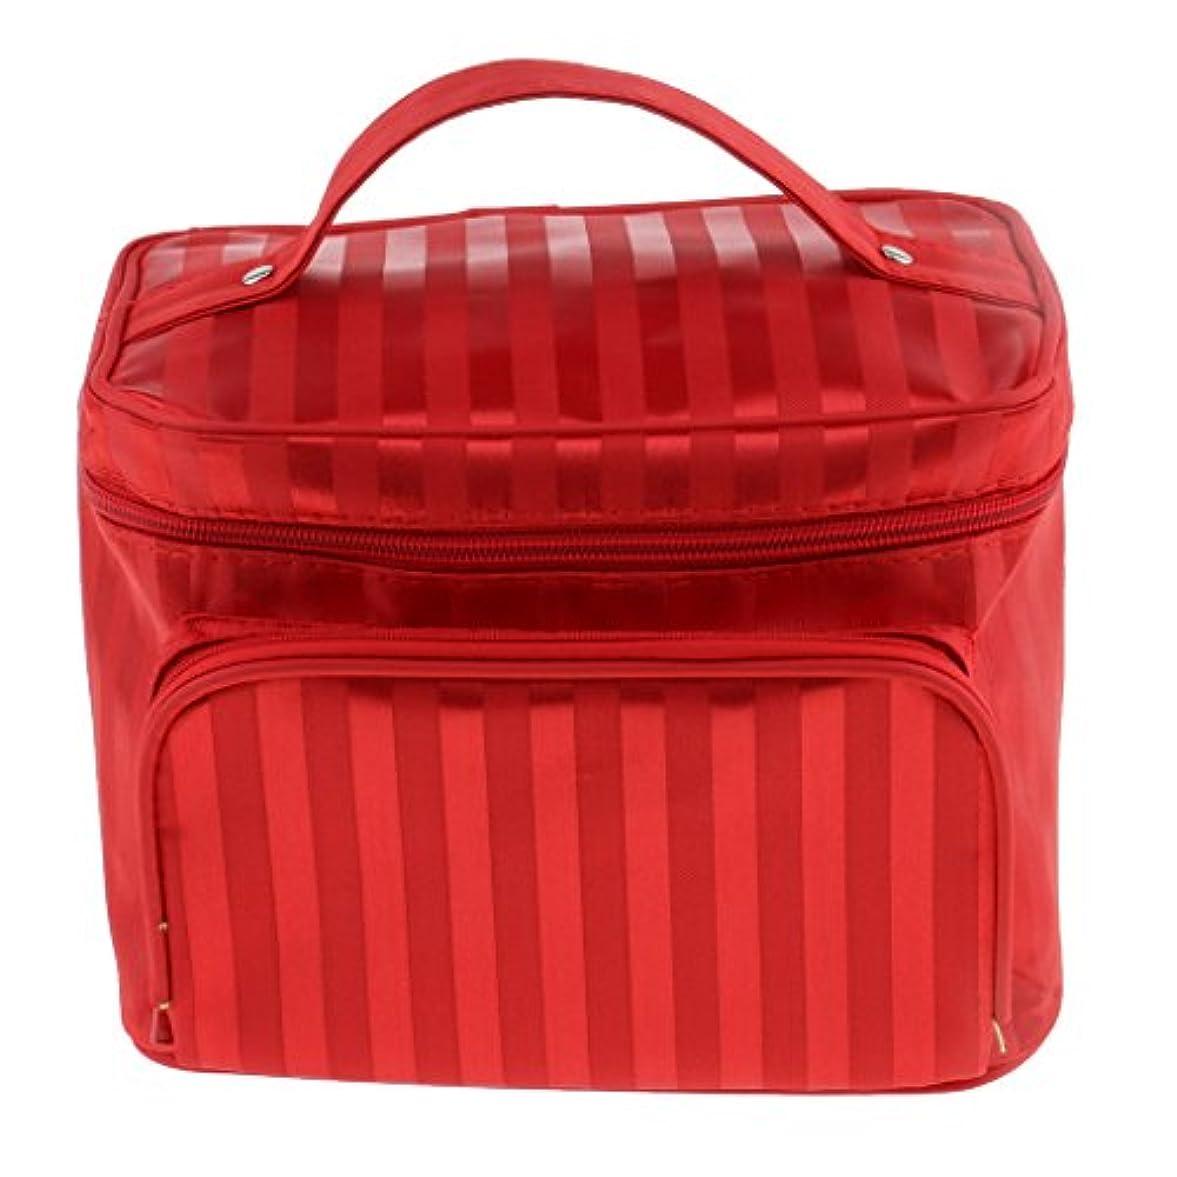 歩く王子憂慮すべきメイクアップバッグ 化粧品バッグ 化粧品 コスメ メイクアップ メイクボックス 化粧ポーチ 5色選べる - 赤